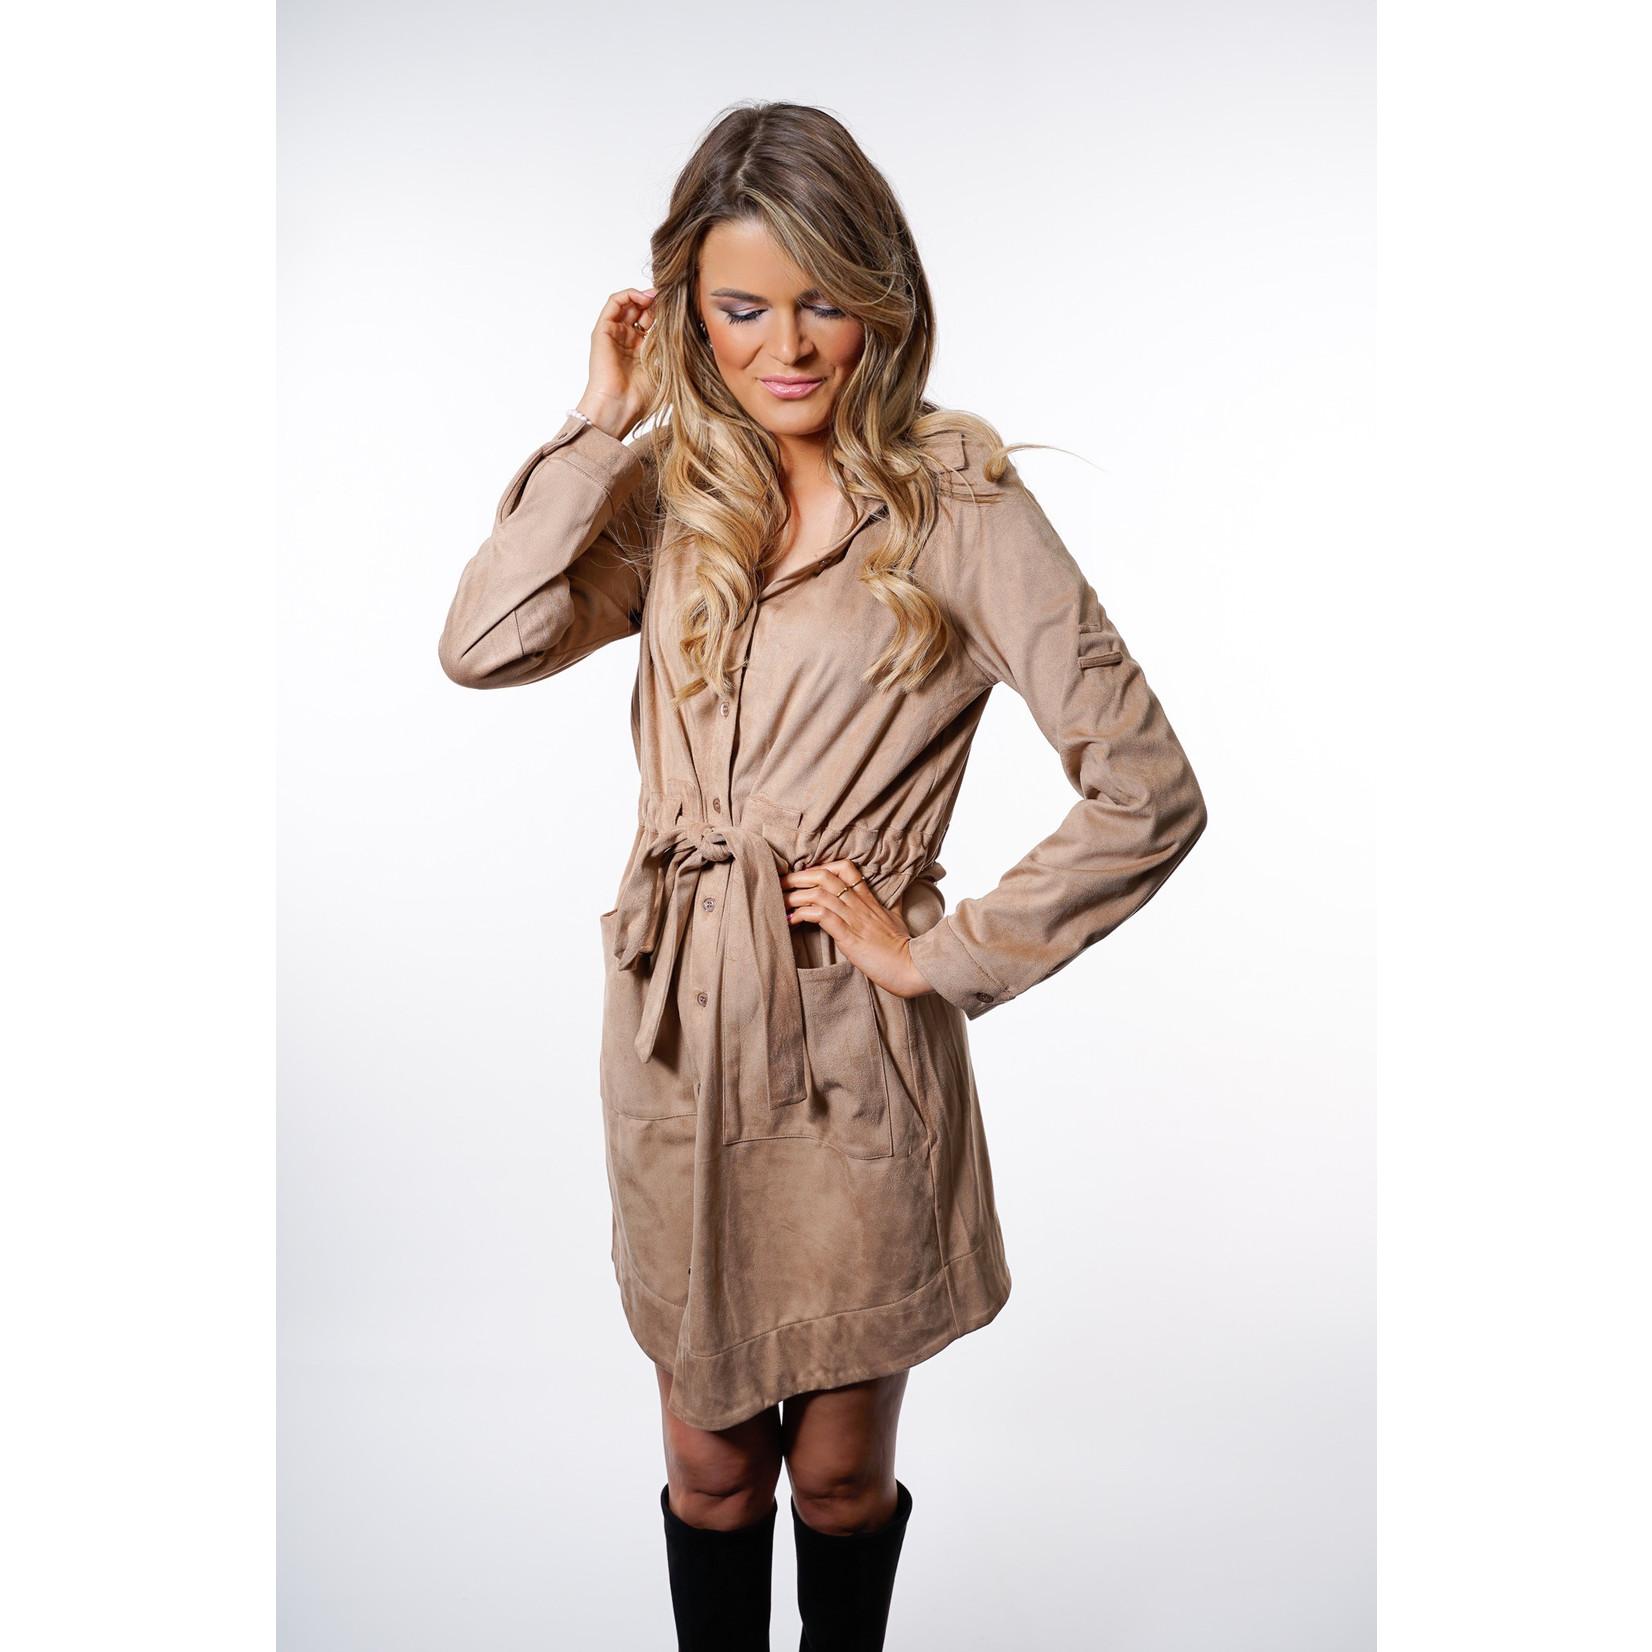 Yentl K Suede dress 22-1